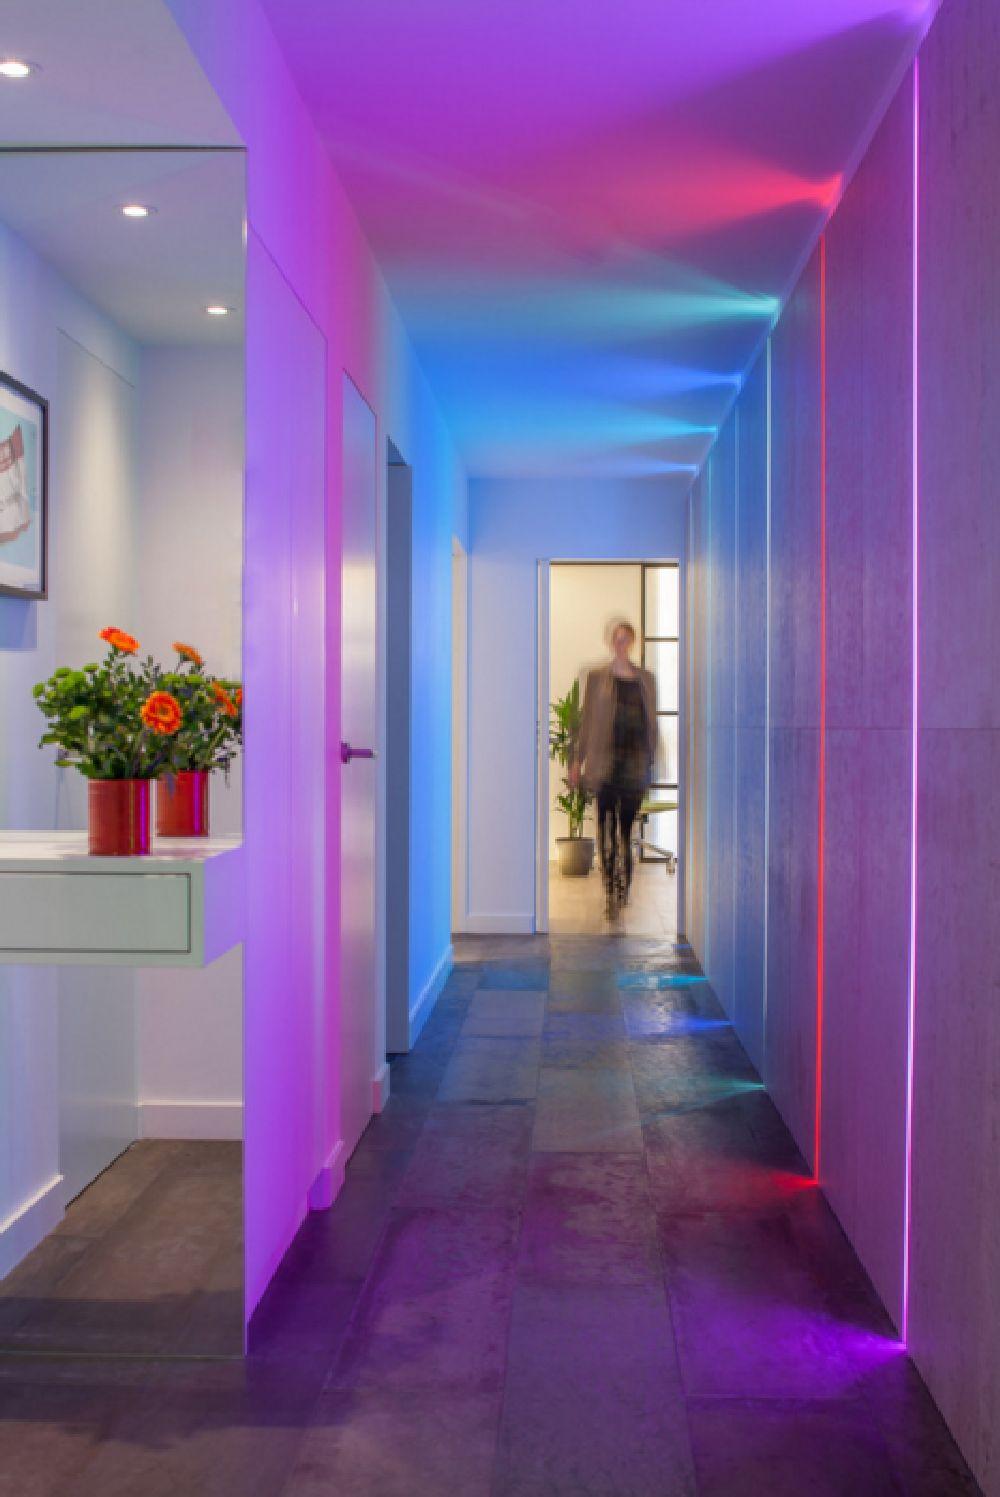 adelaparvu.com despre Interior Design Trends 2016, Foto Cassidy Hughes Interior Design